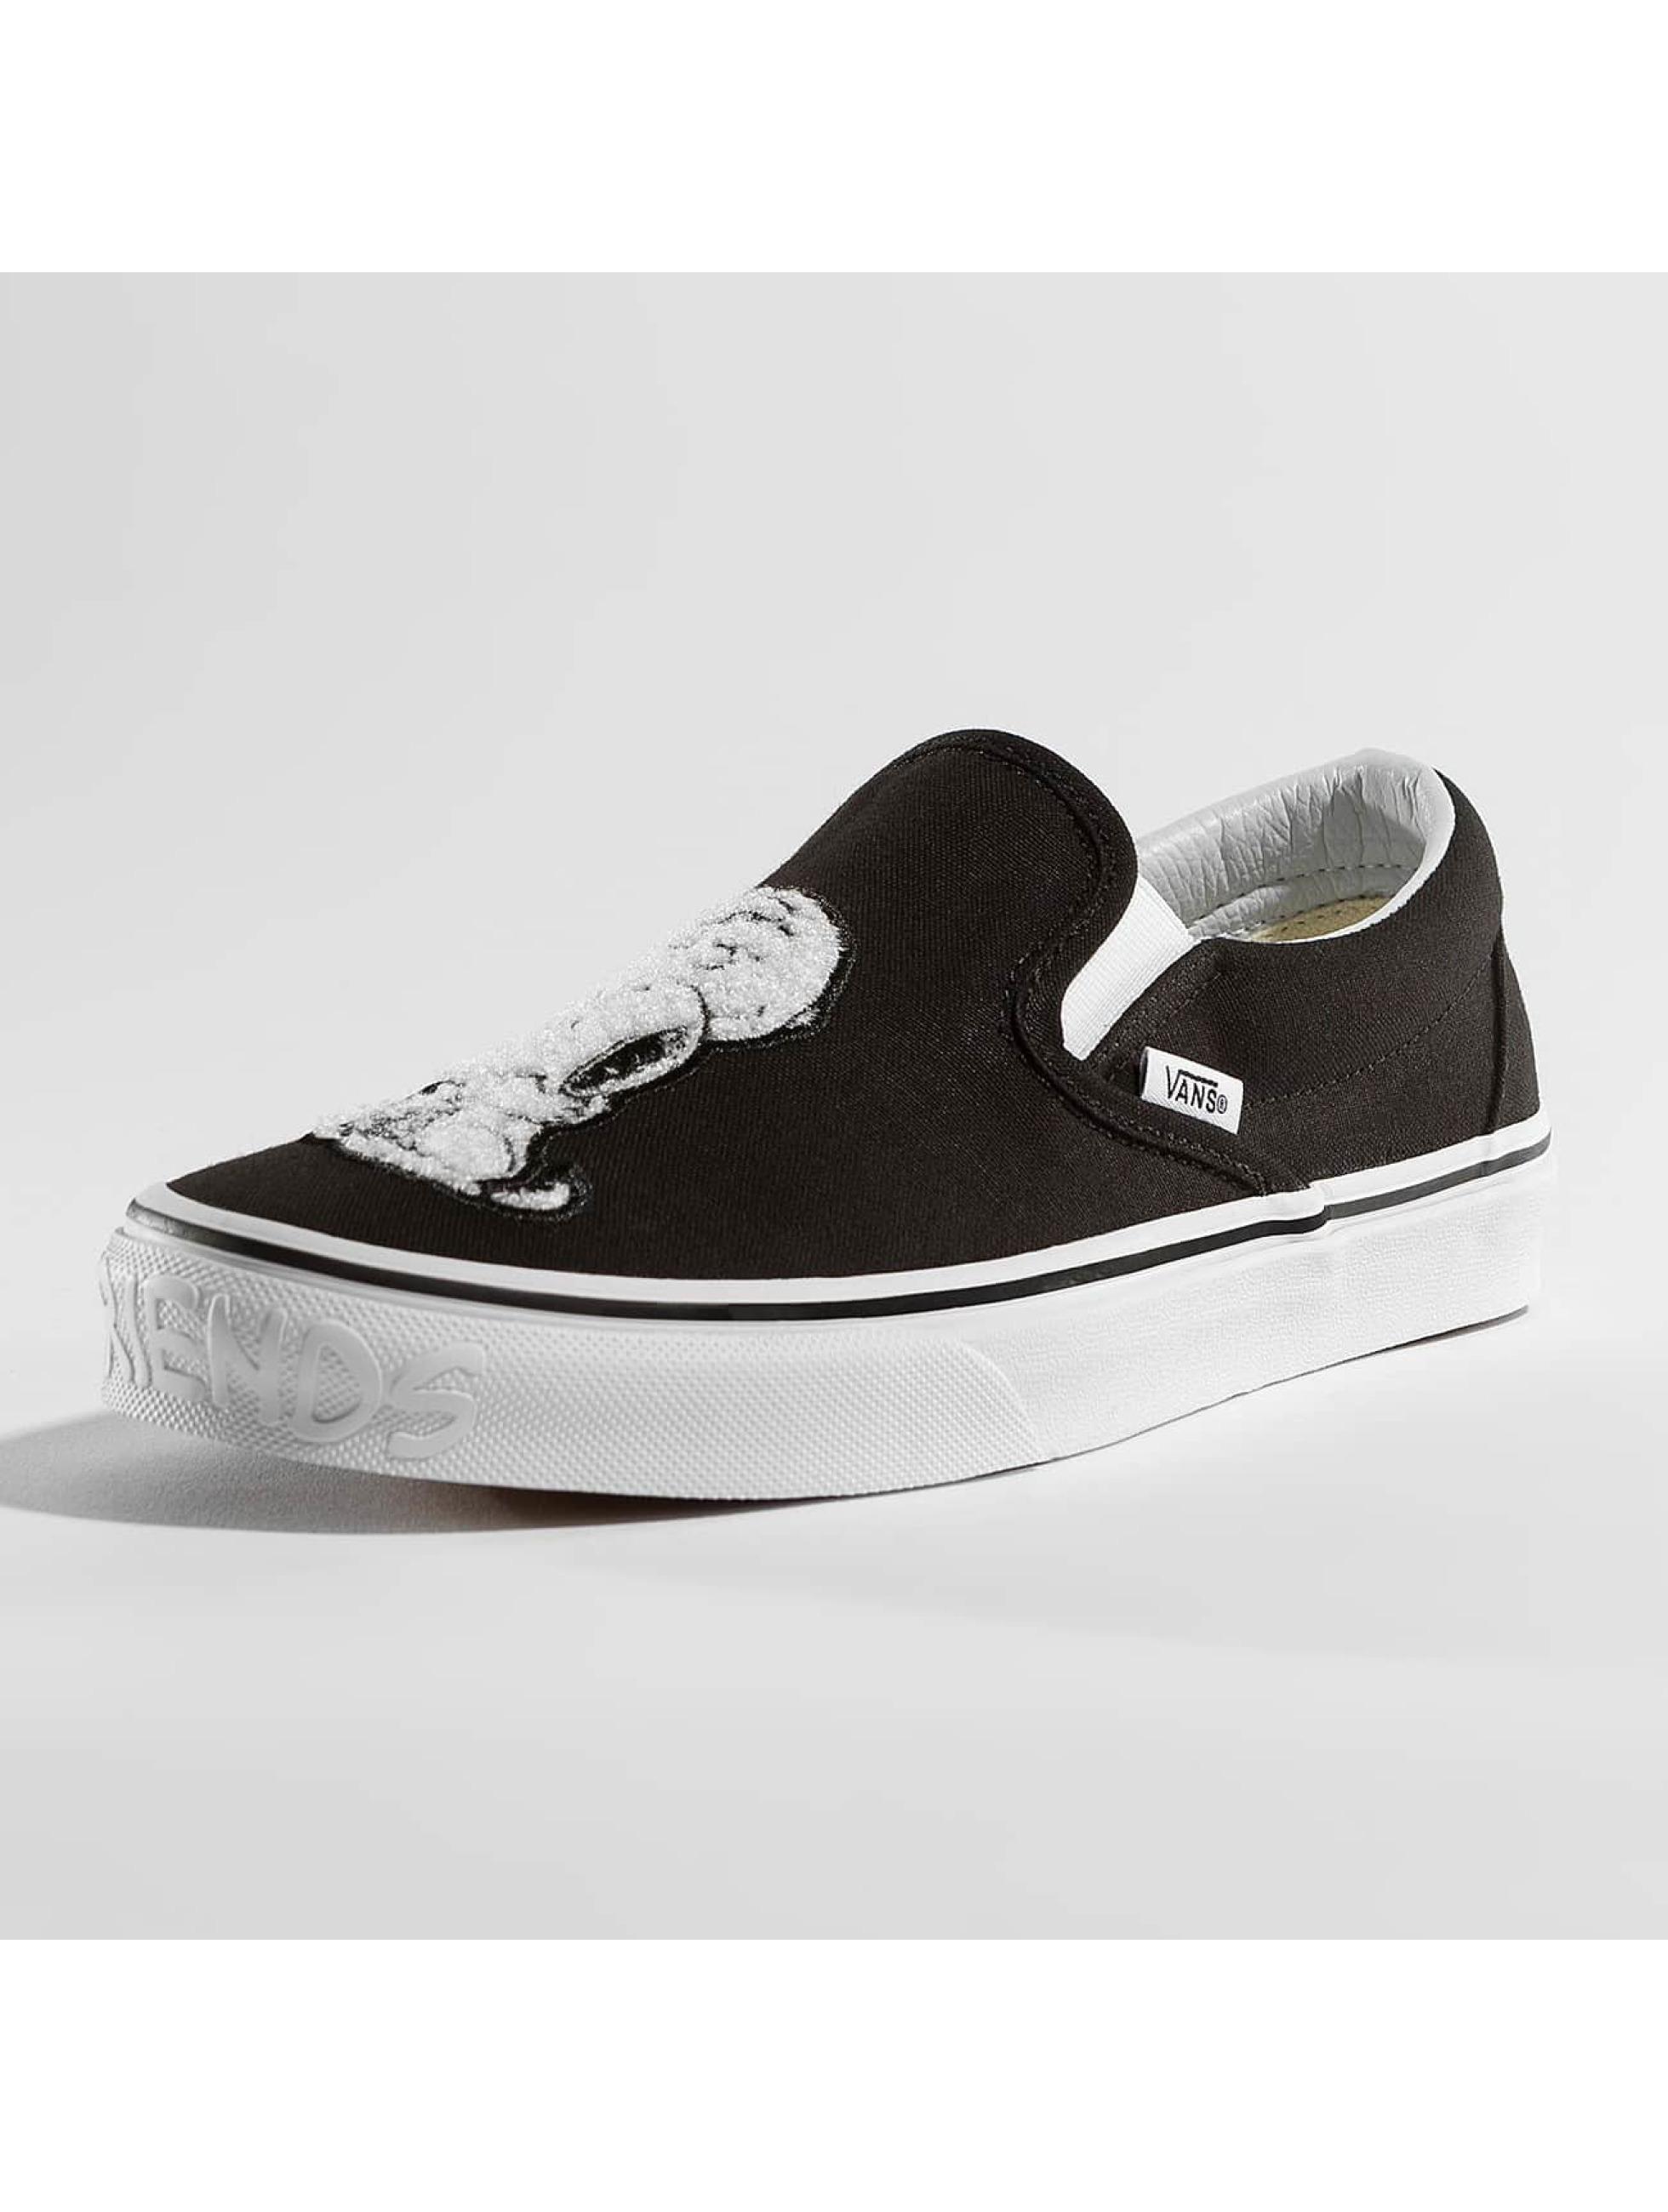 Vans Sneakers Peanuts Classic Slip On black